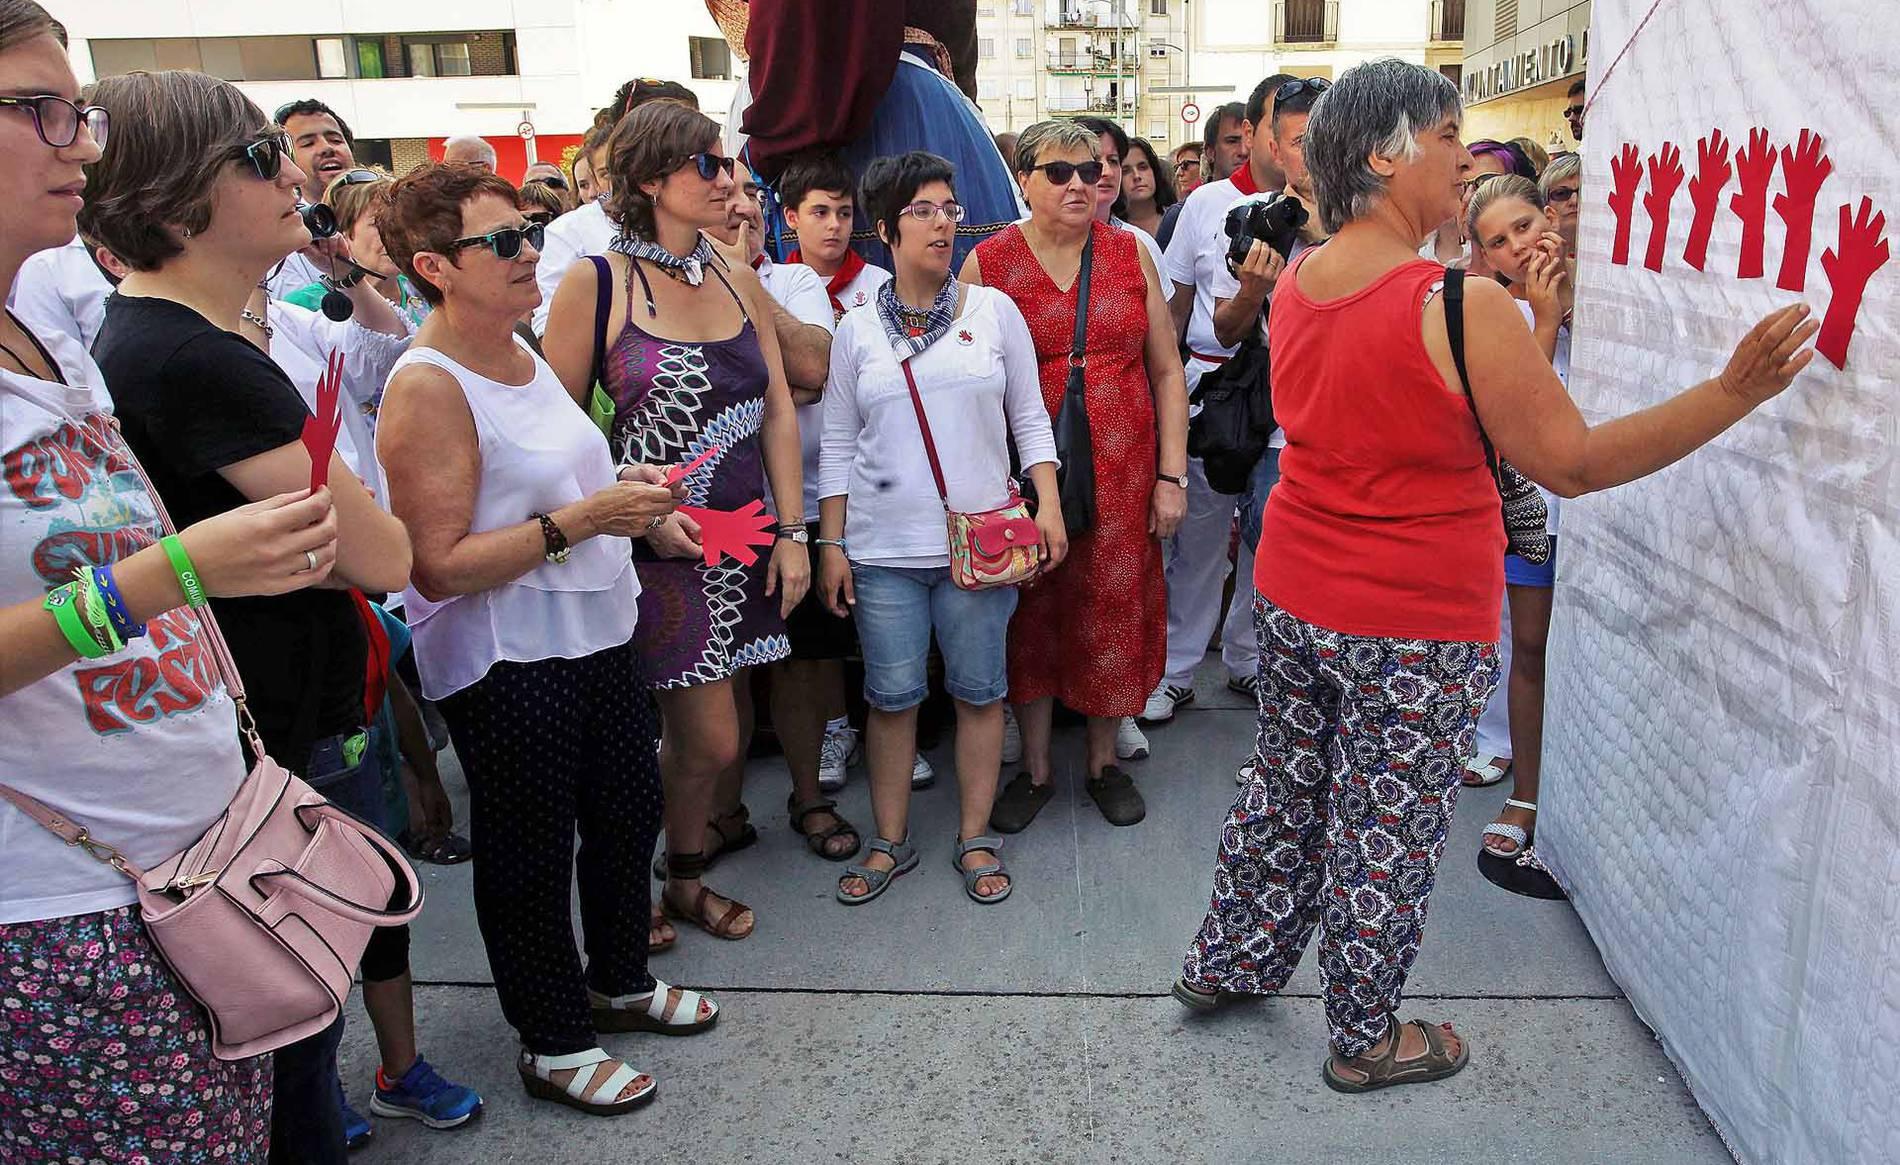 Homenaje en Burlada a las mujeres asesinadas (1/10) - Imágenes del acto que se ha celebrado durante las fiestas de la localidad. - Pamplona y Comarca -